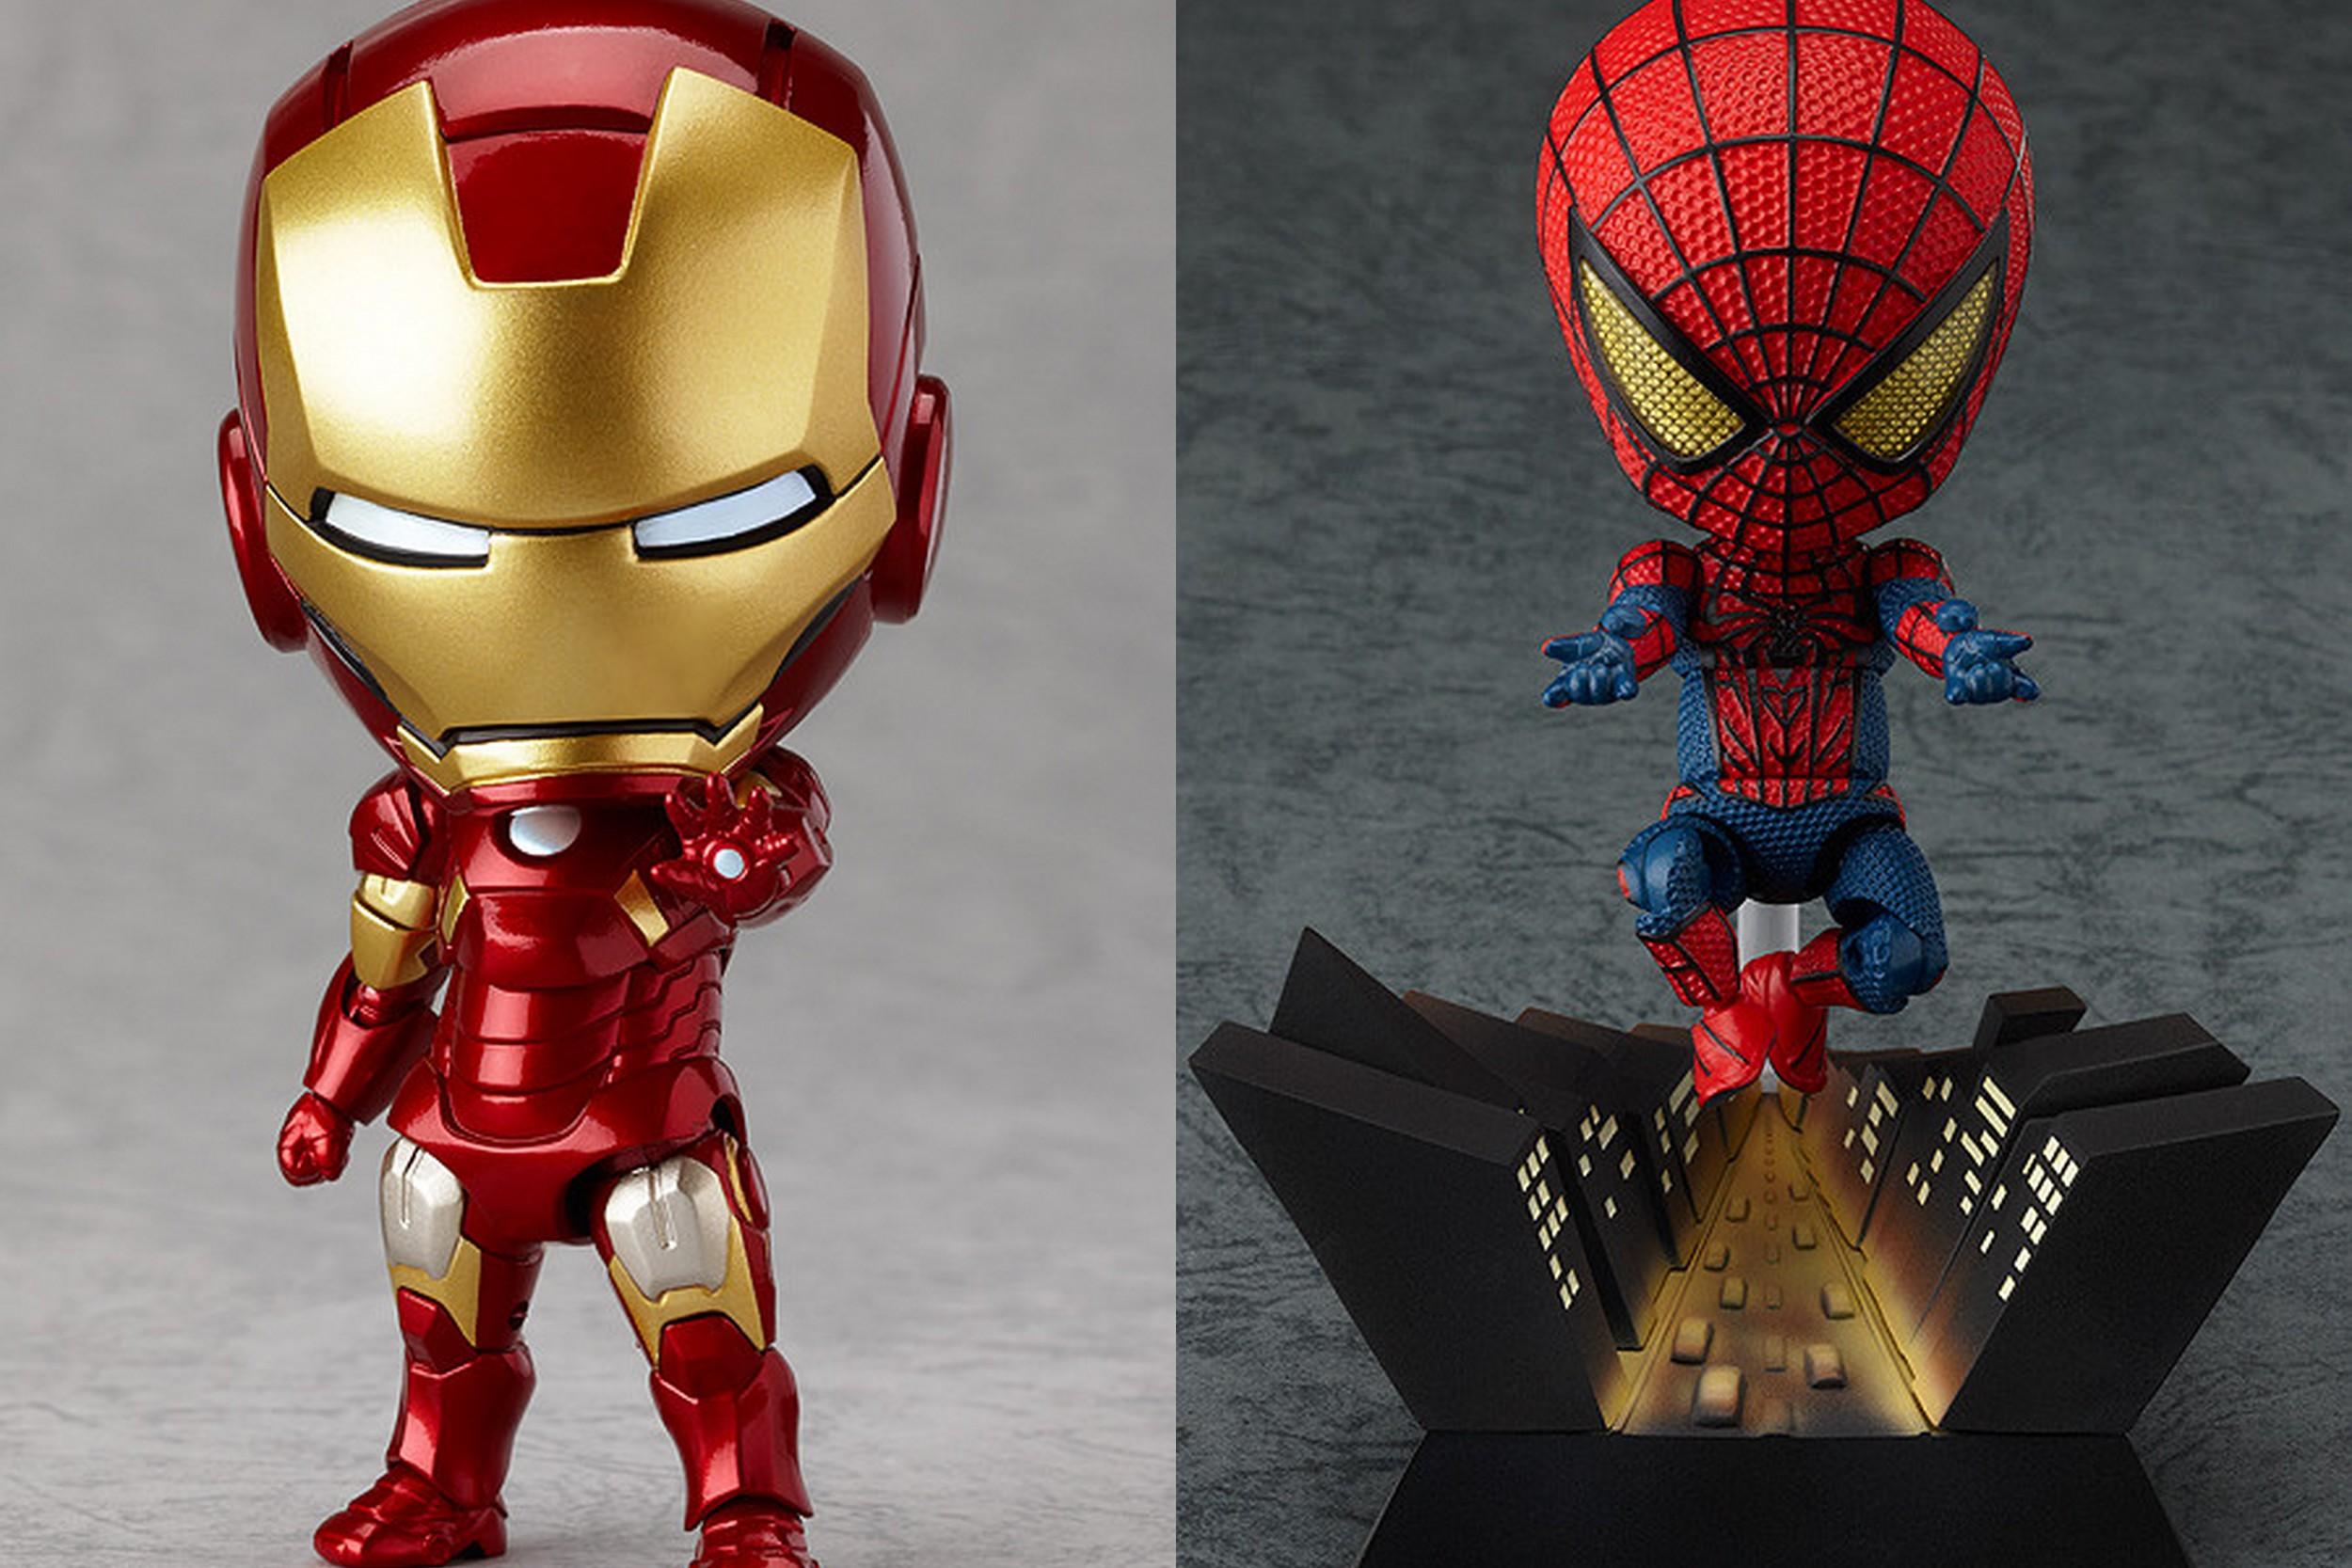 Nenderoid Iron Man Mark 7 and Spider Man